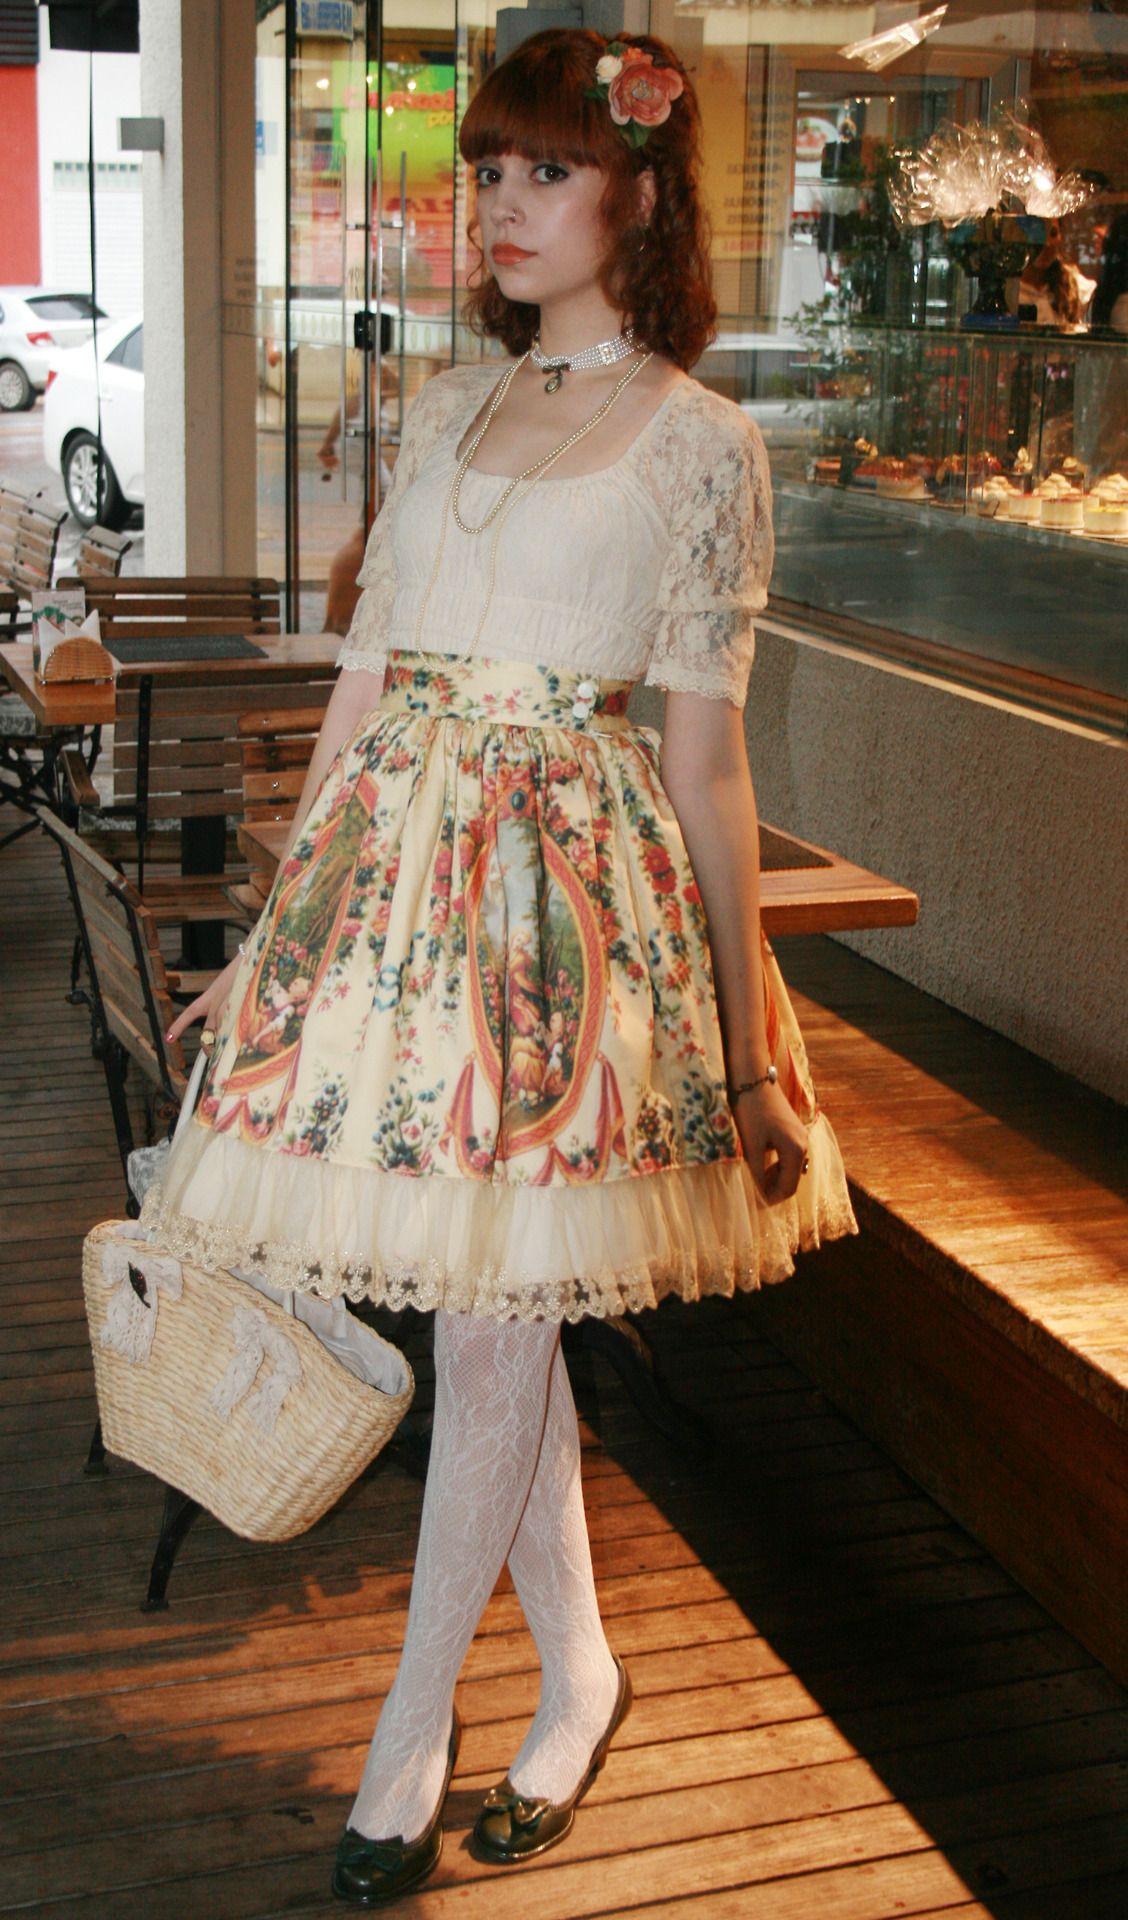 Ime a clone . My original dresses me like a girl.but I like it !